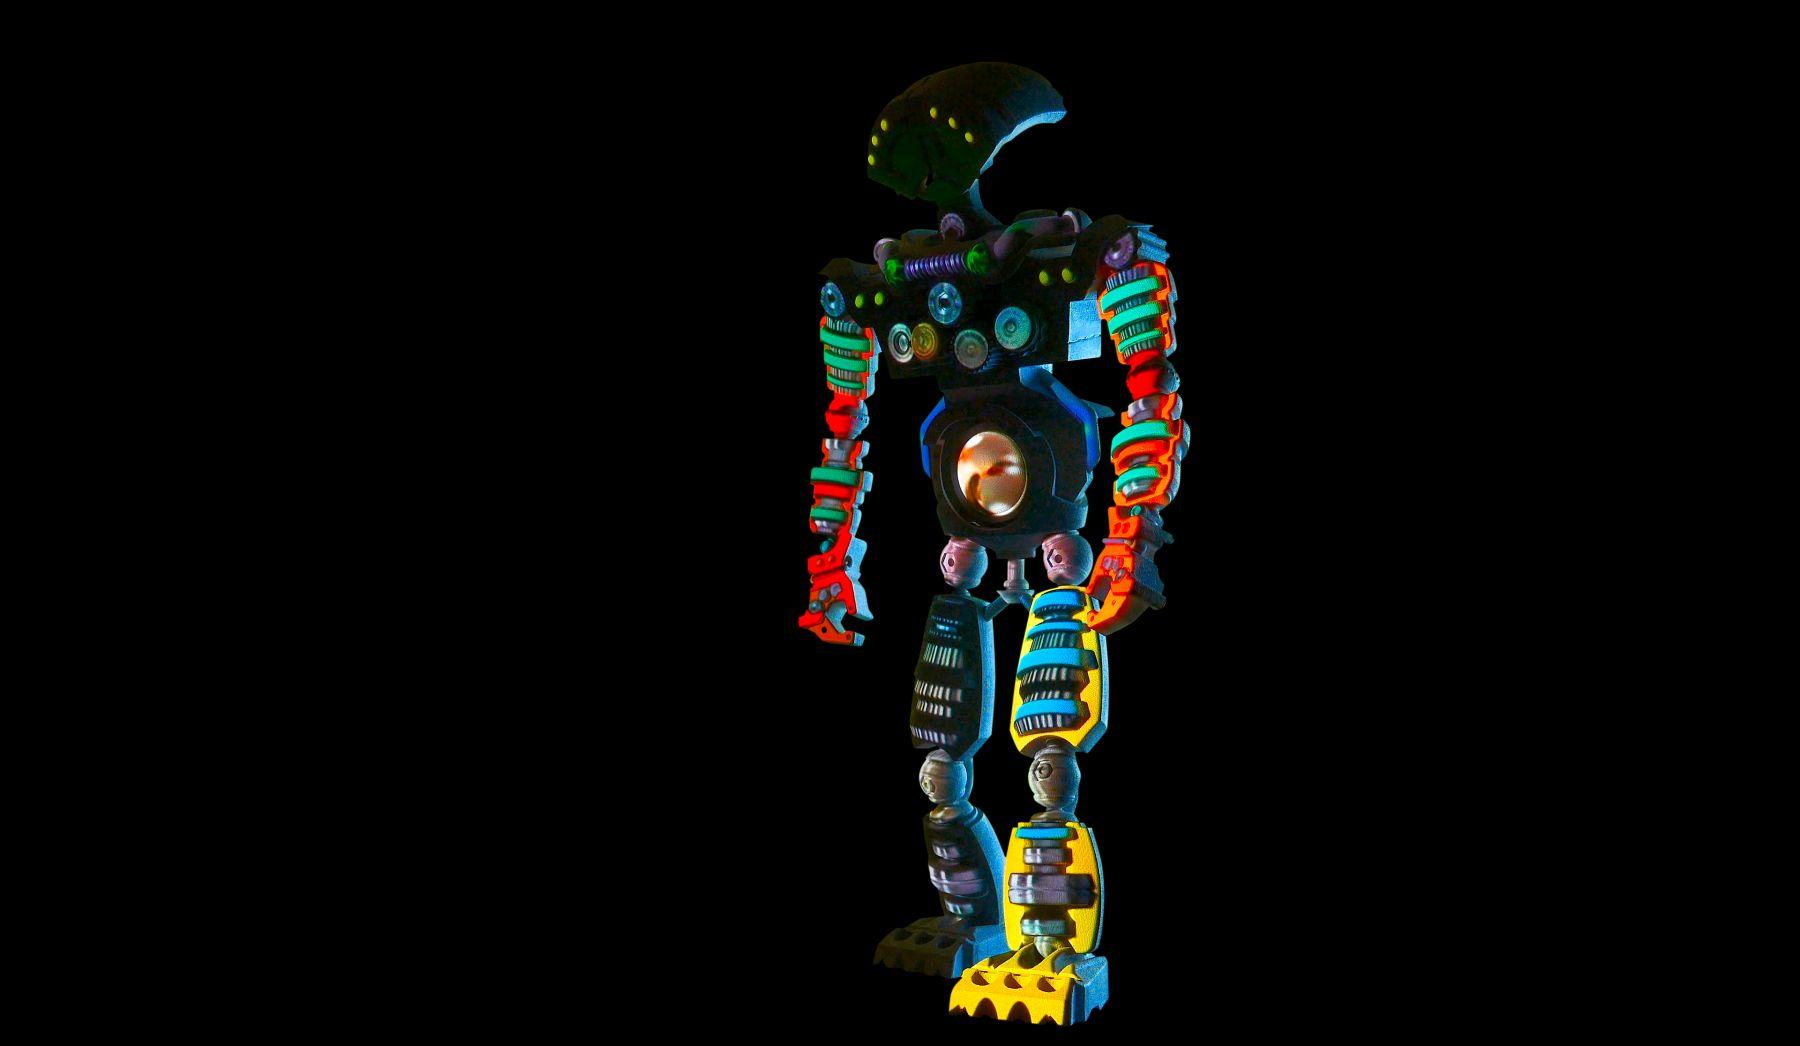 PETER SARKISIAN VideoMorphic Figure #6(Version 2) ON, 2013